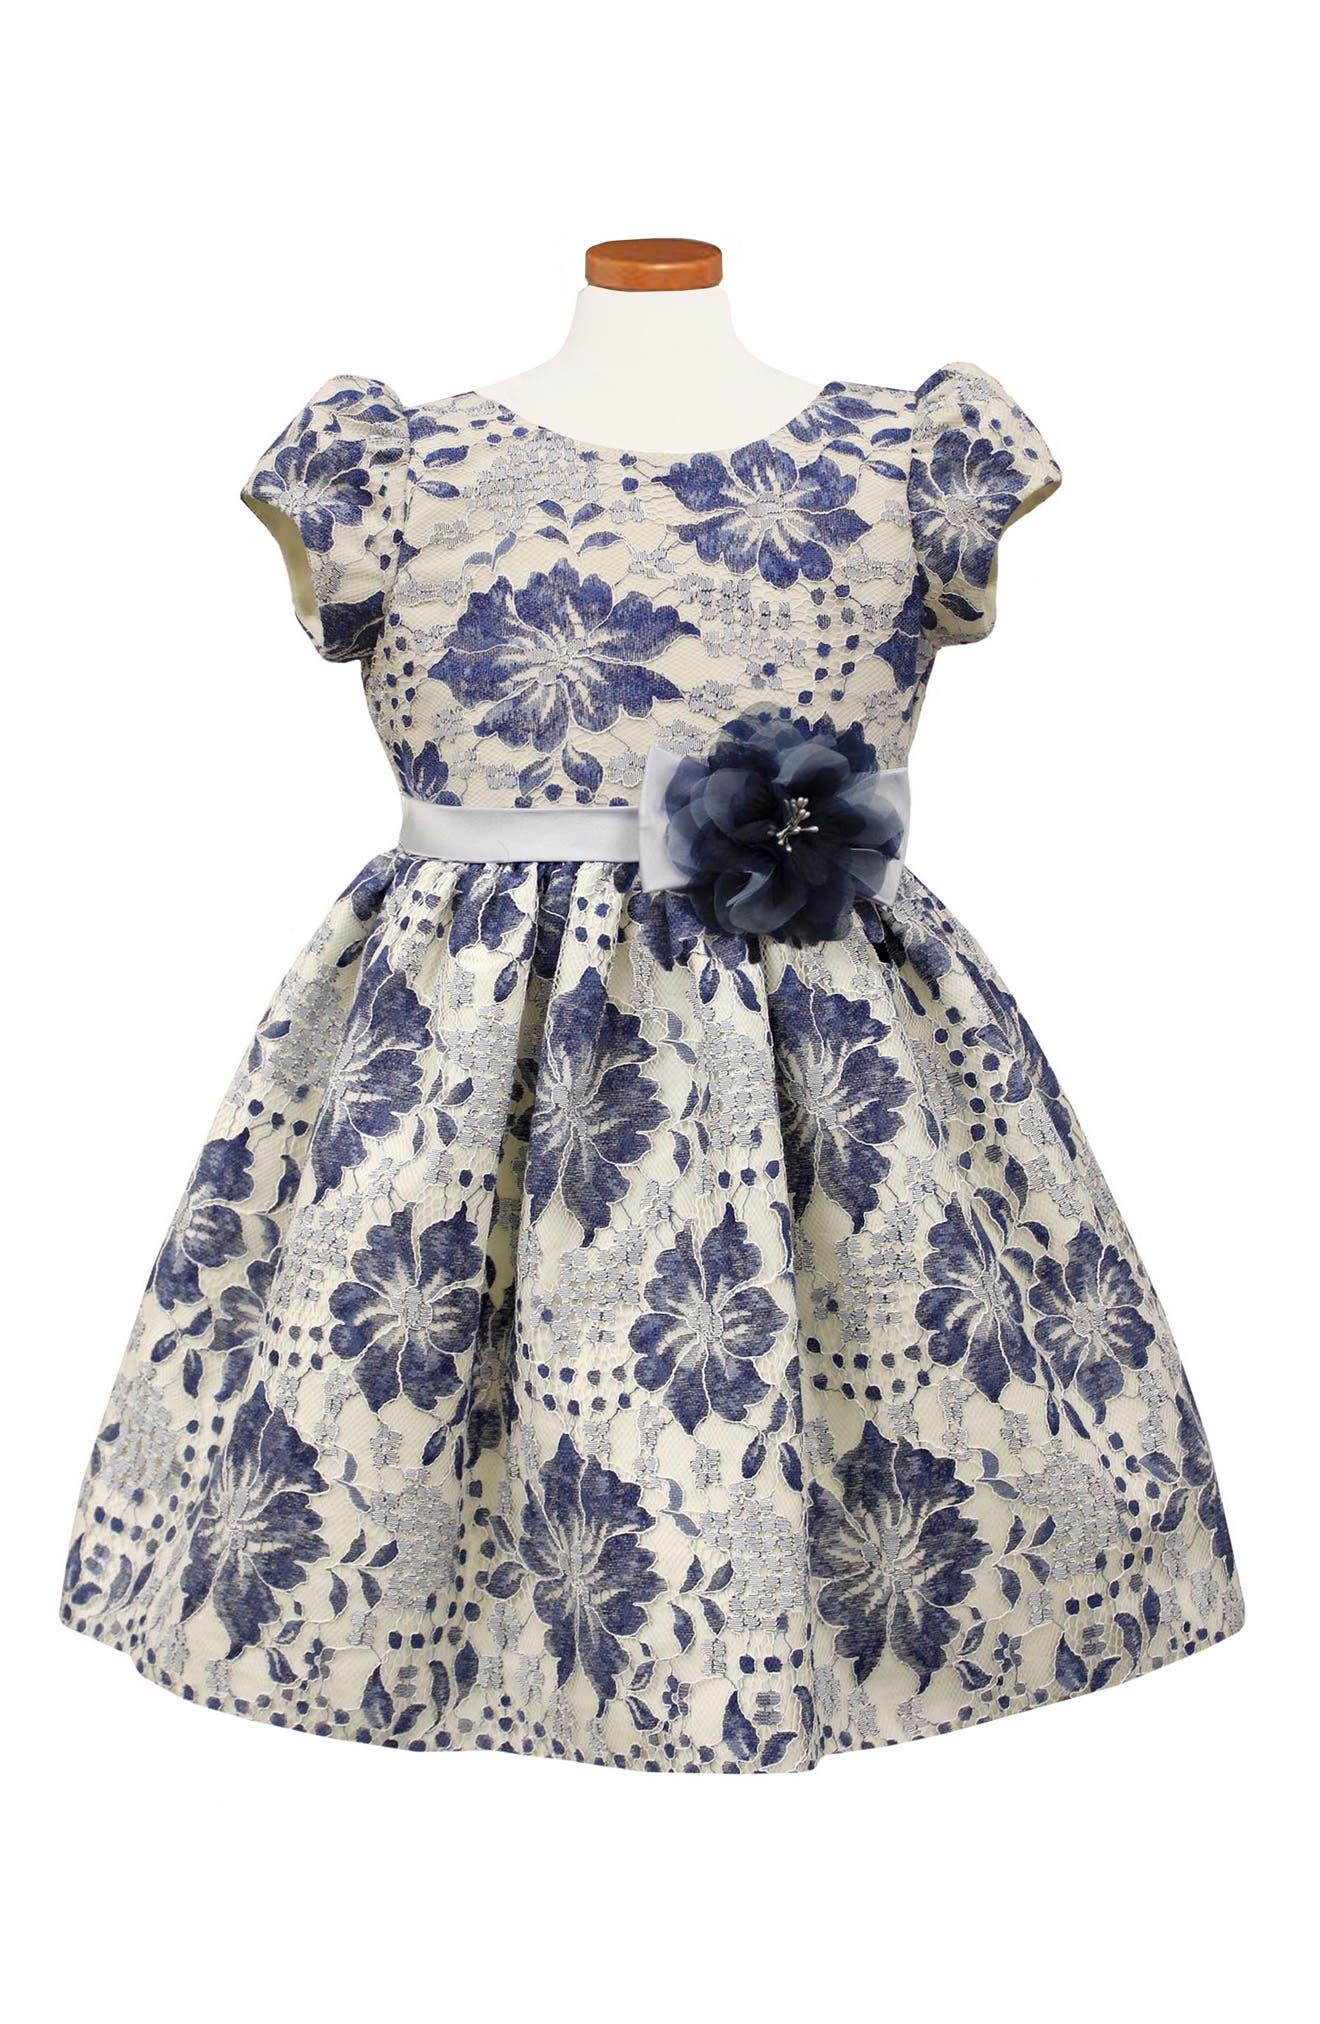 Alternate Image 1 Selected - Sorbet Floral Lace Dress (Toddler Girls & Little Girls)